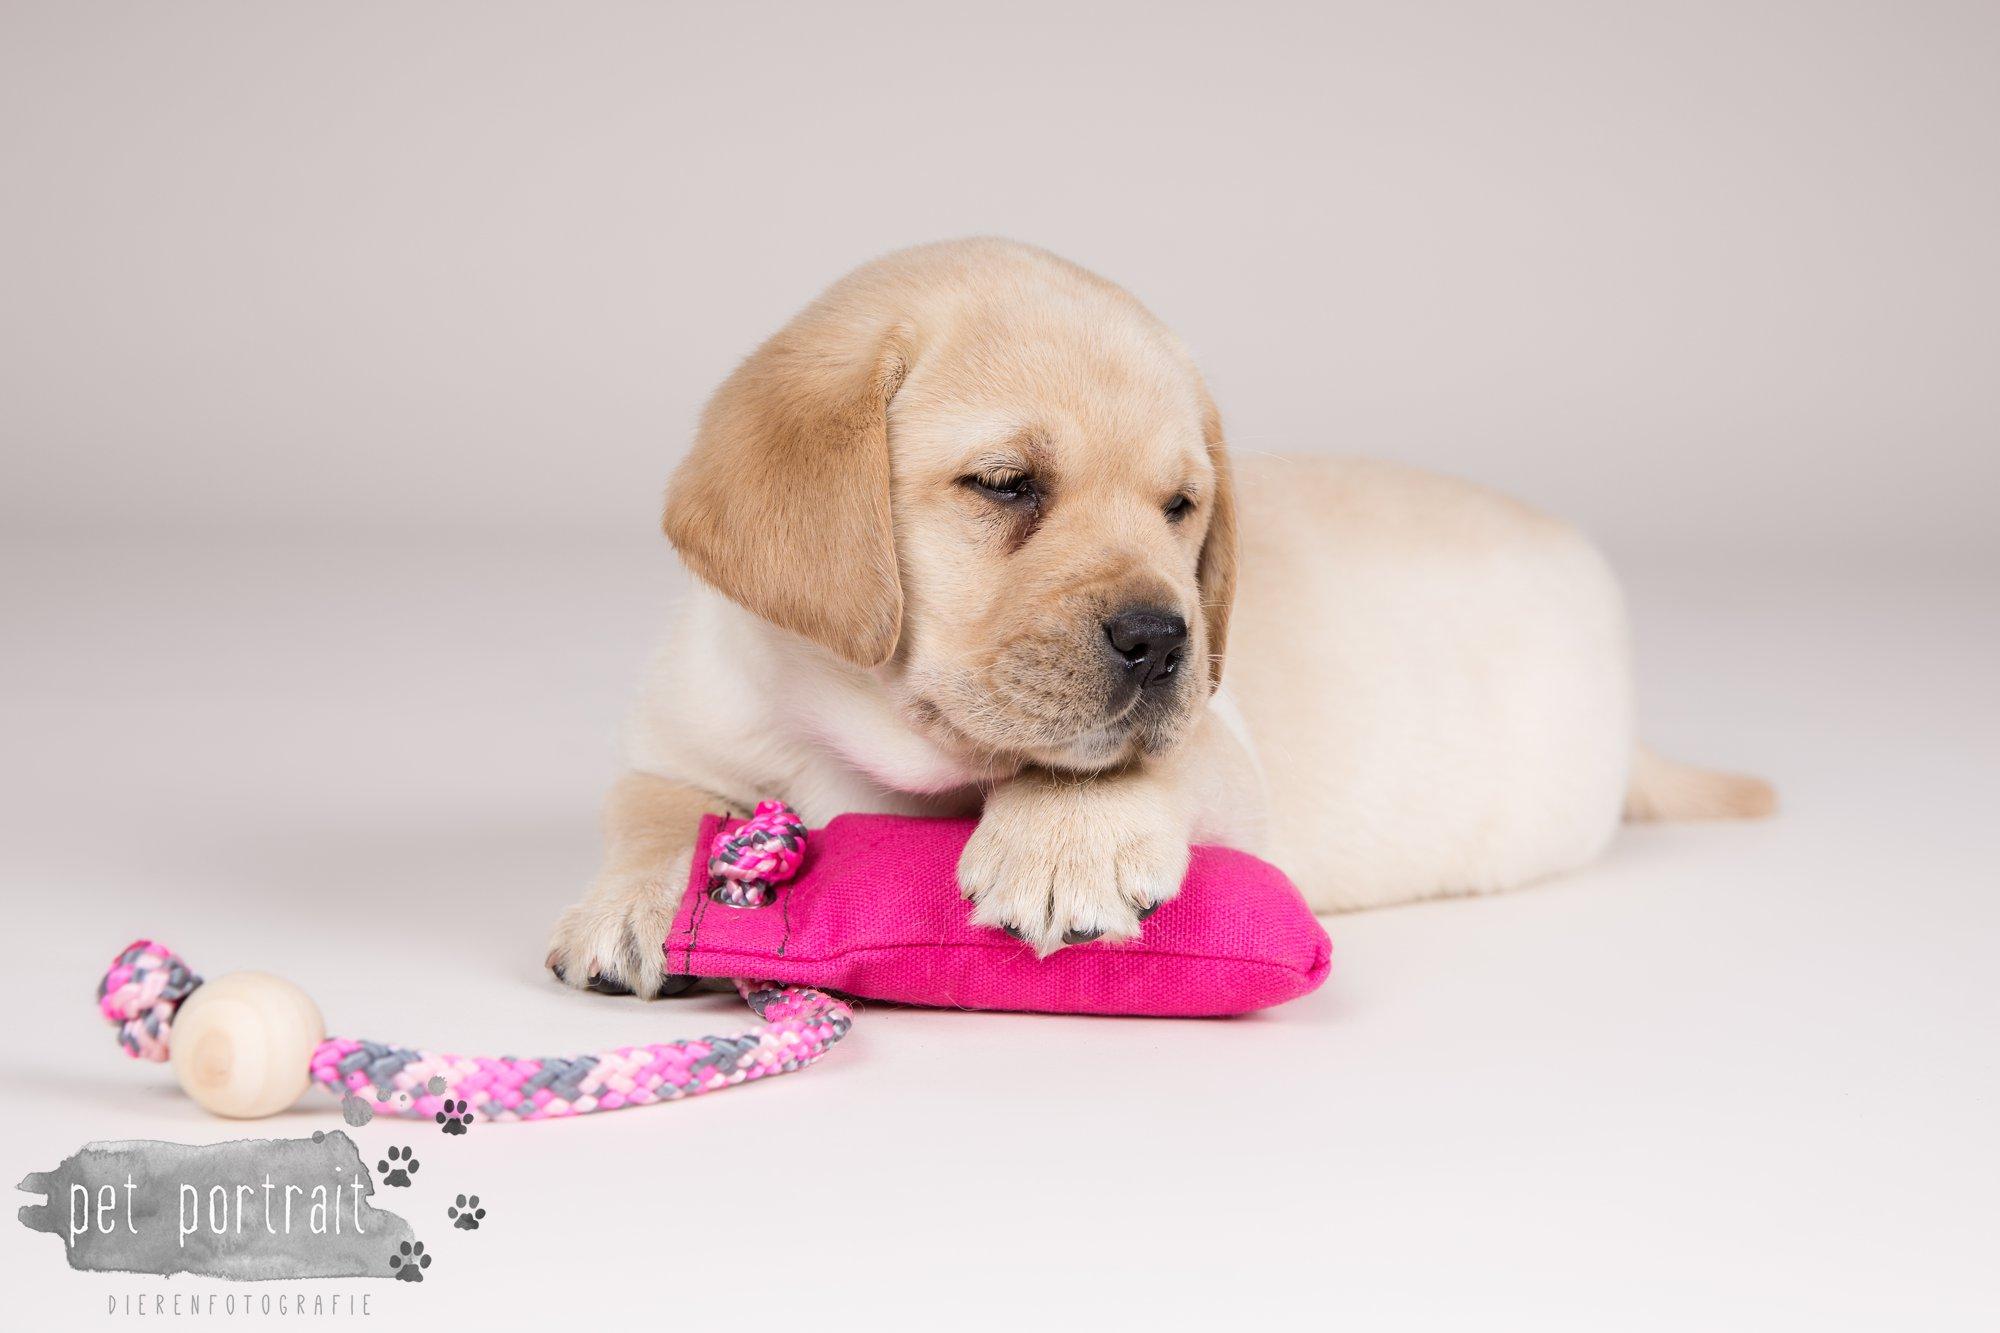 Hondenfotograaf Hillegom - Nestfotoshoot voor Labrador pups-16